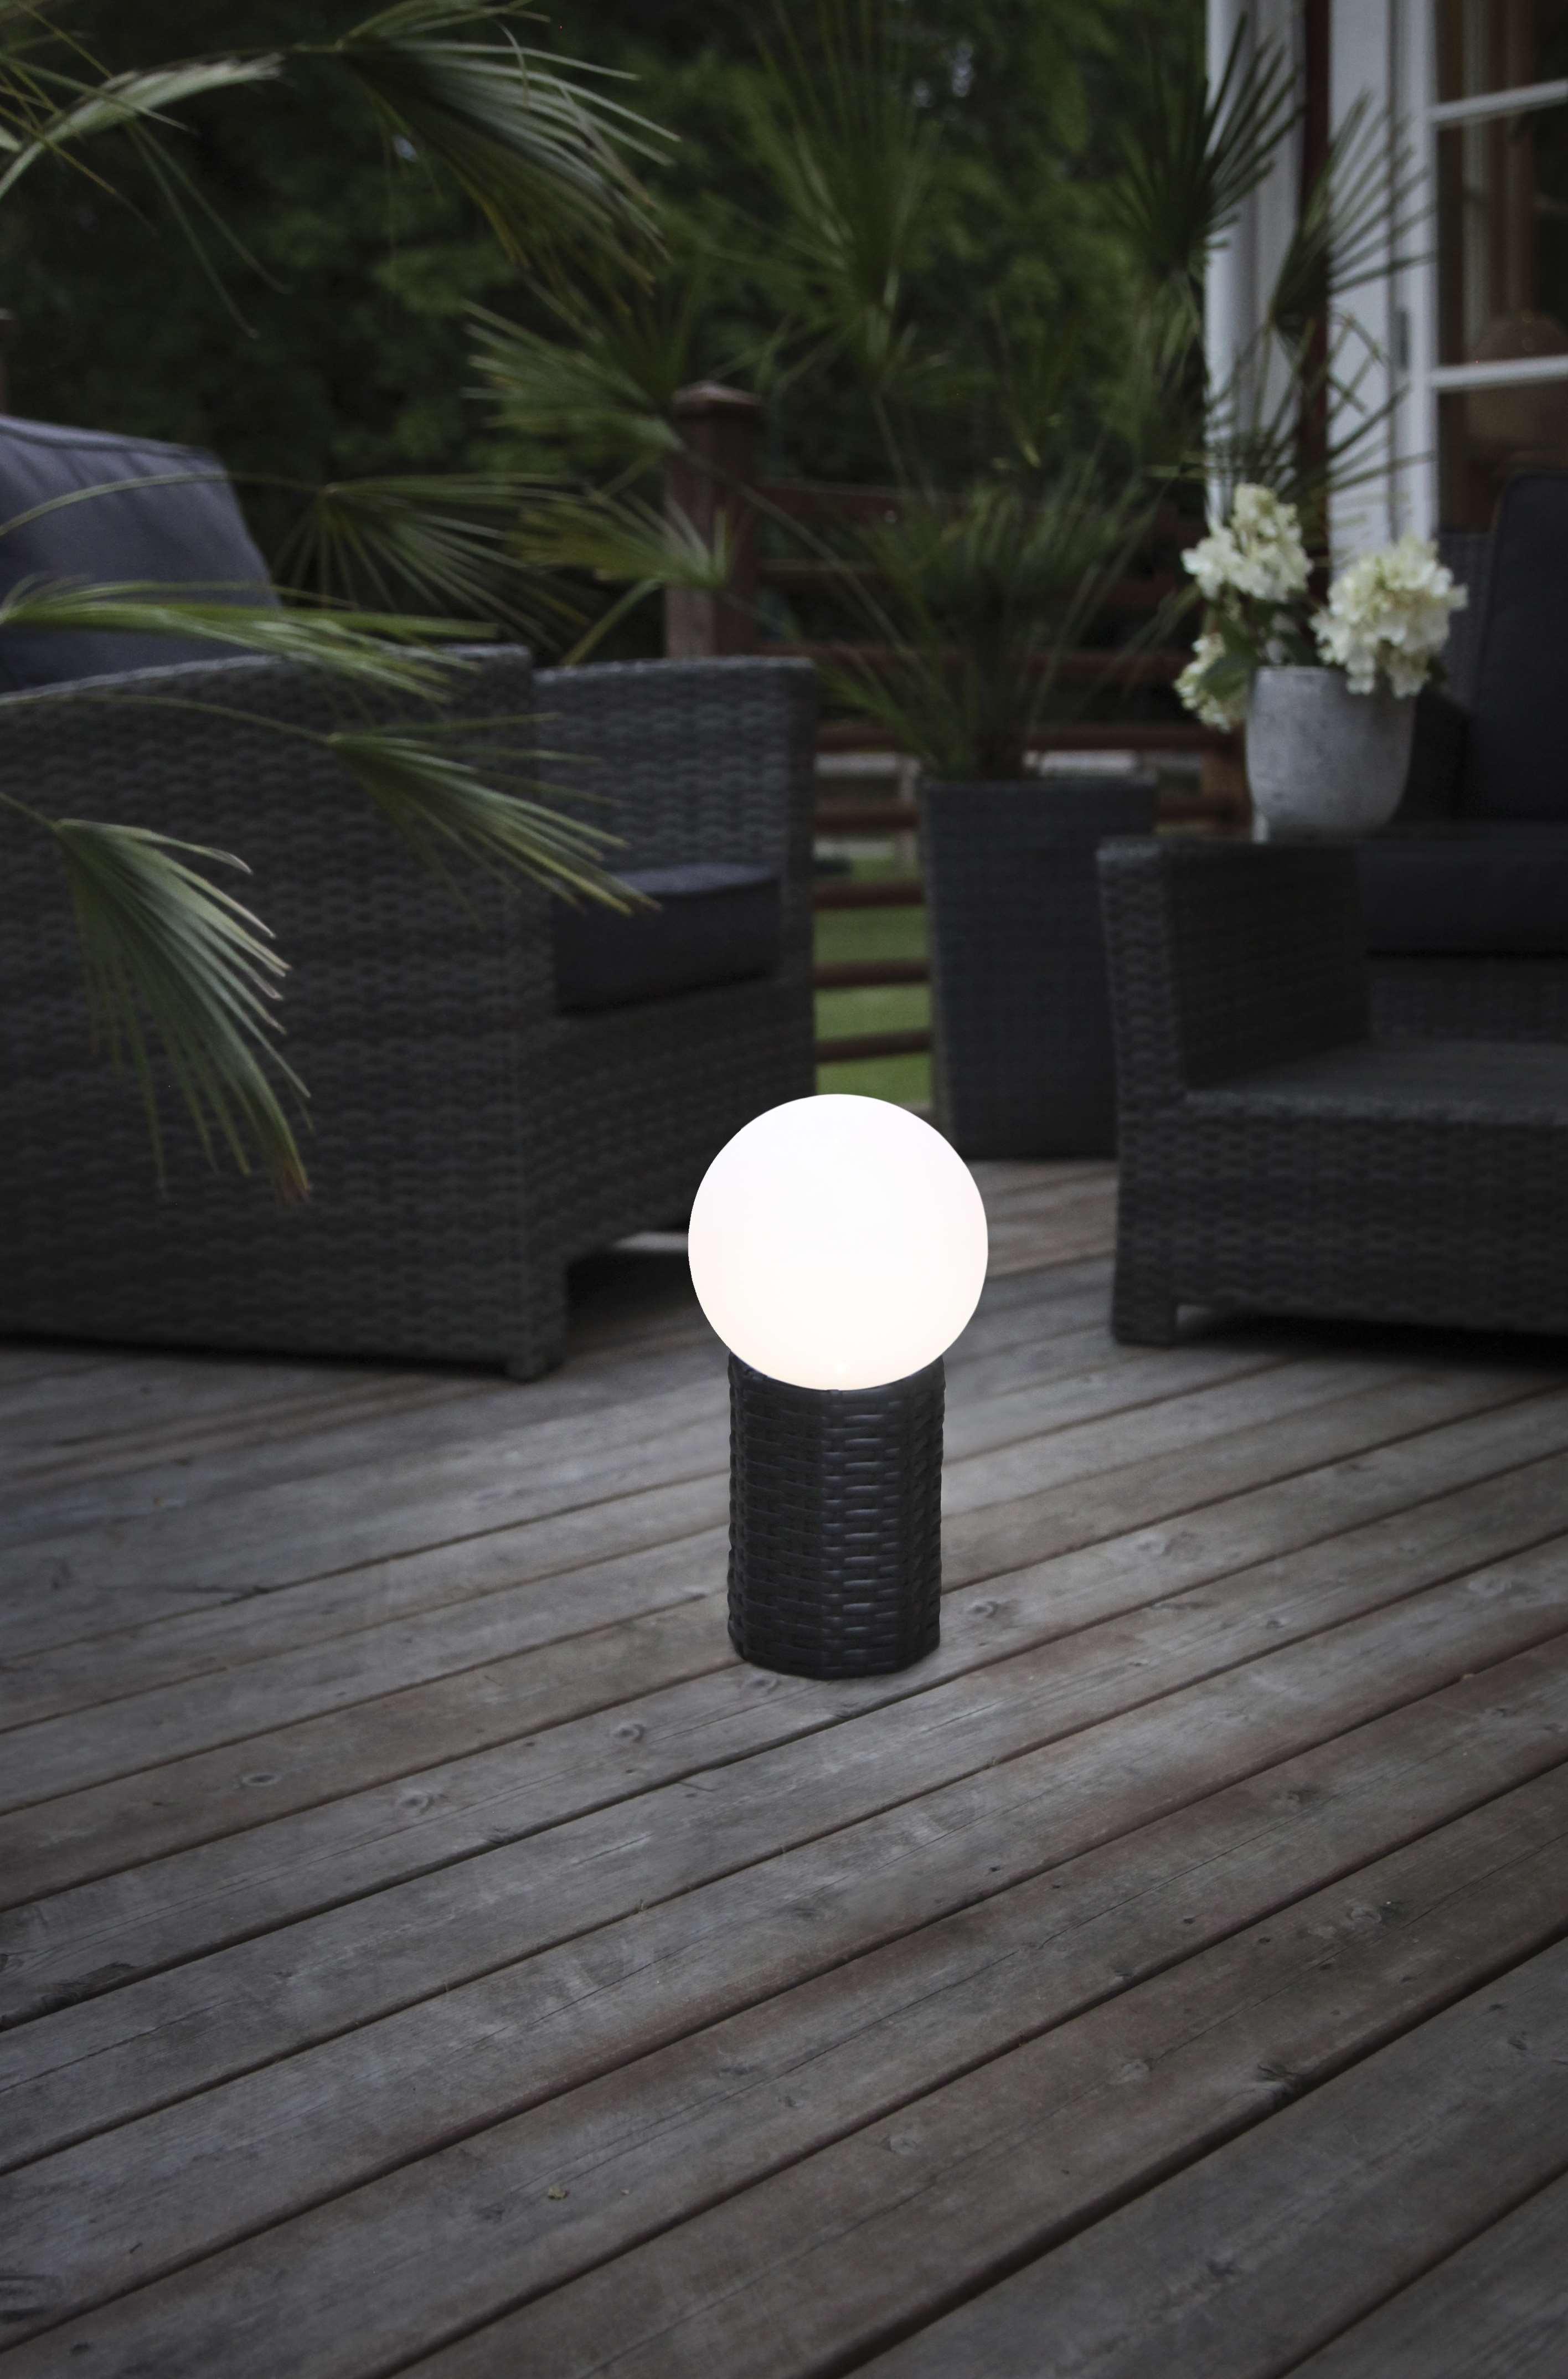 led solar kugel mit sockel in rattanoptik ca 15 x 28 cm 479 70. Black Bedroom Furniture Sets. Home Design Ideas